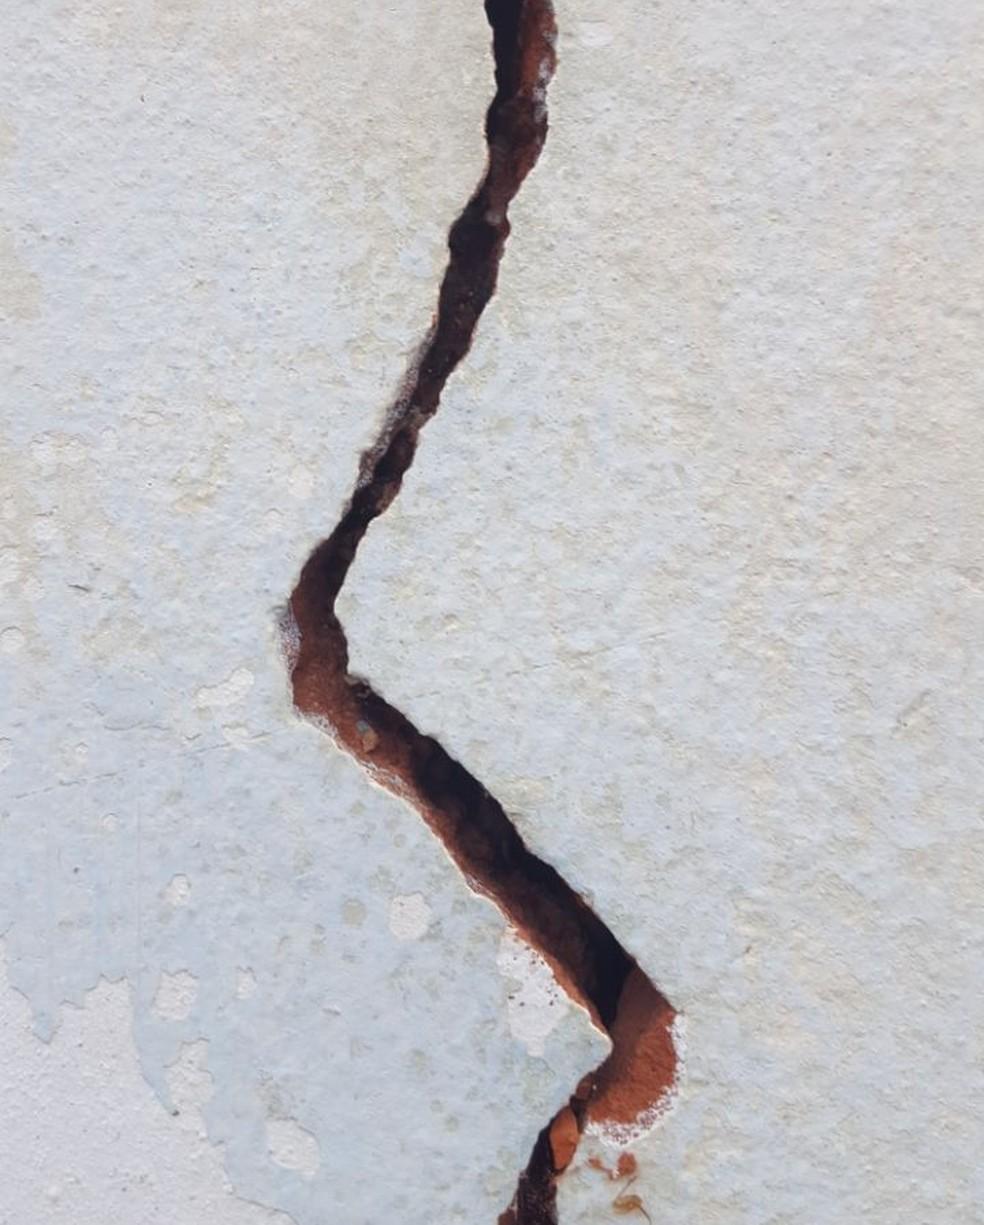 Moradores afirmam que a rachadura na parede aumentou depois do tremor (Foto: Raquel de Oliveira Souza/ Arquivo pessoal)